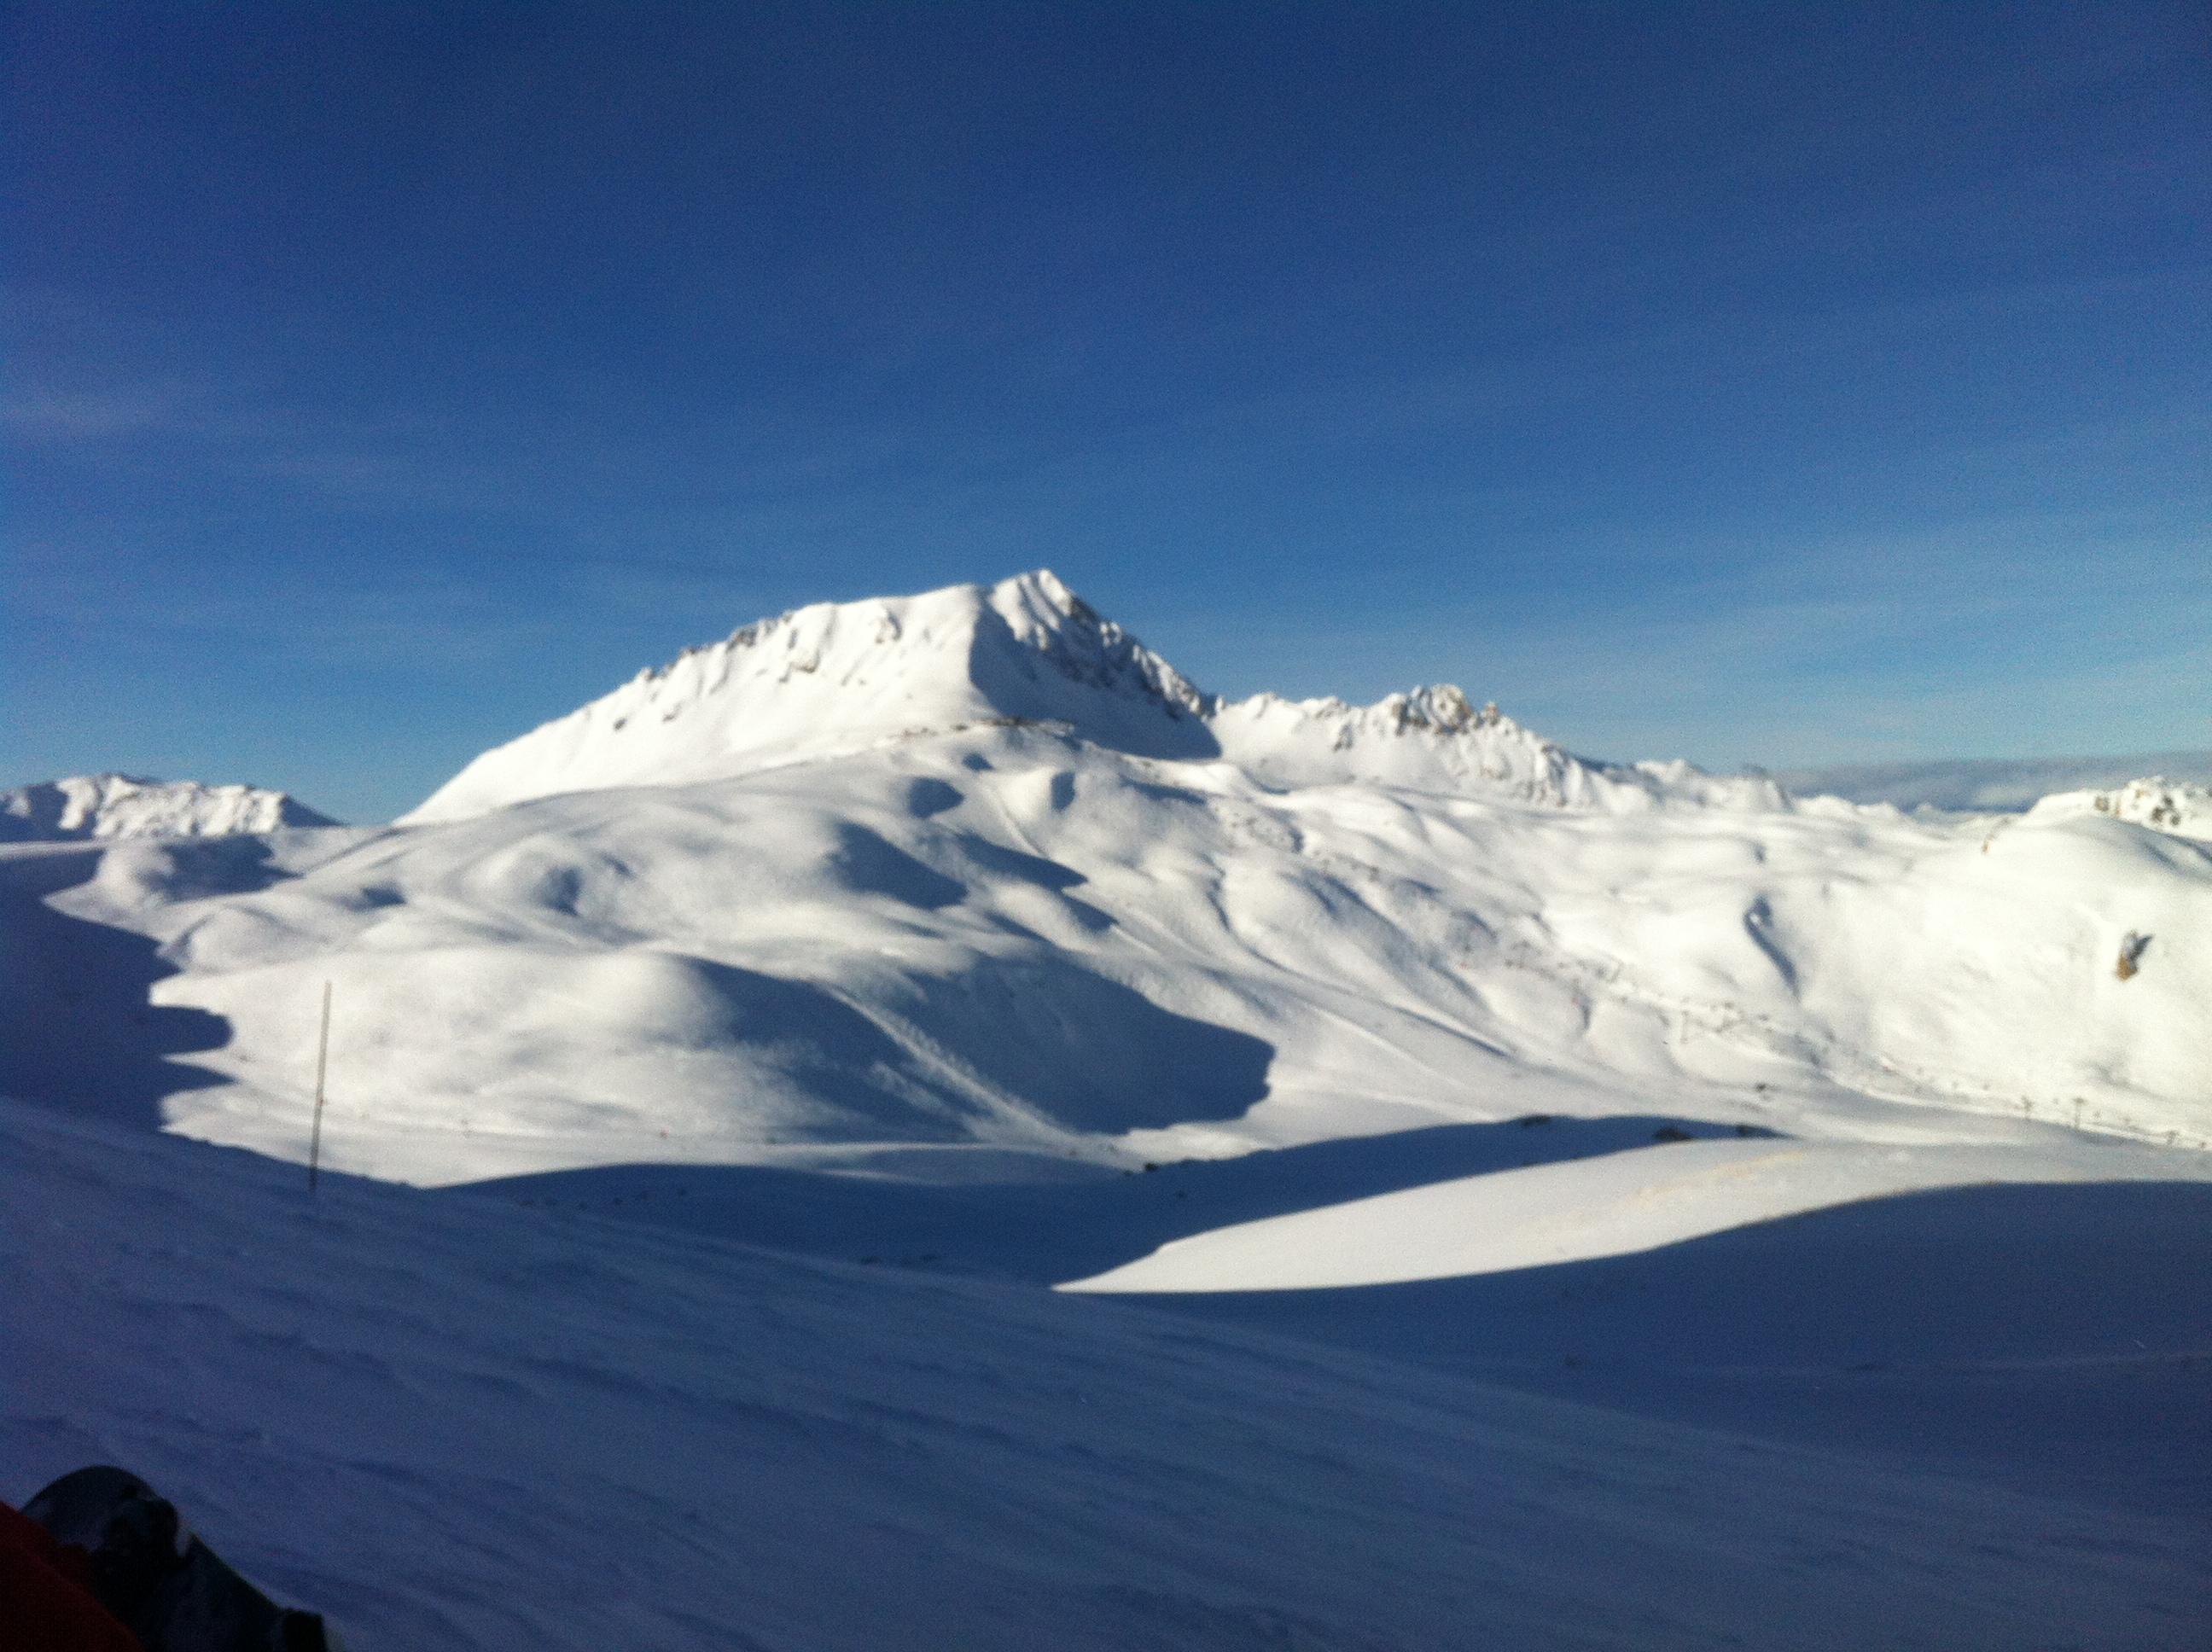 10% de réduction sur tous les forfaits ski hiver 2013-2014 de Paradiski